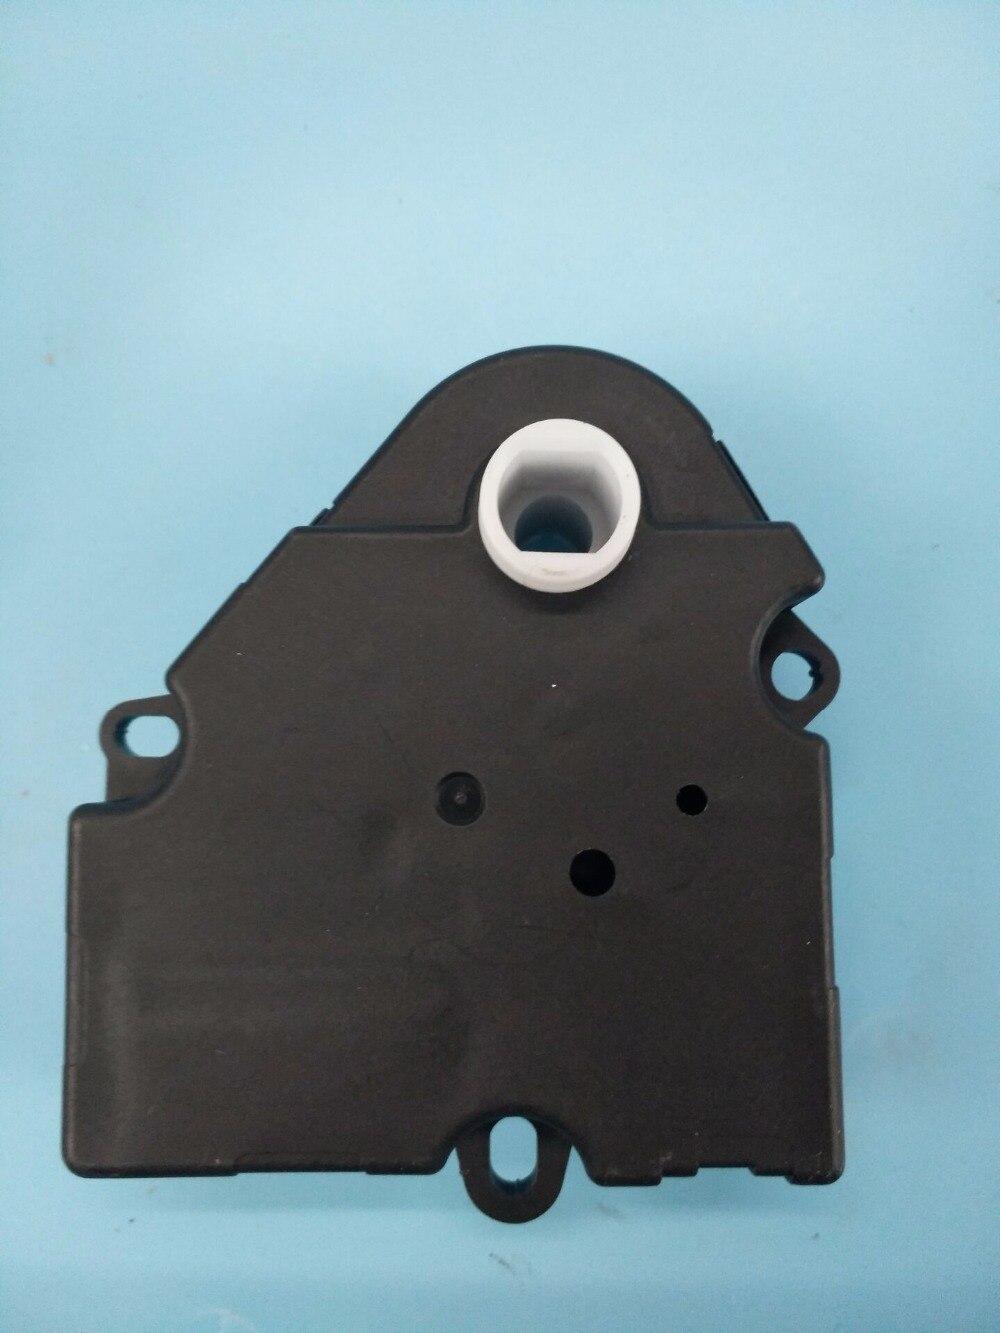 Entrada de aire actuador de la puerta para Mercedes W163 Ml320 Ml430 Ml55 Amg 3.2l 4.3l 5.5l CLA0042400, 1638200108, 604-938